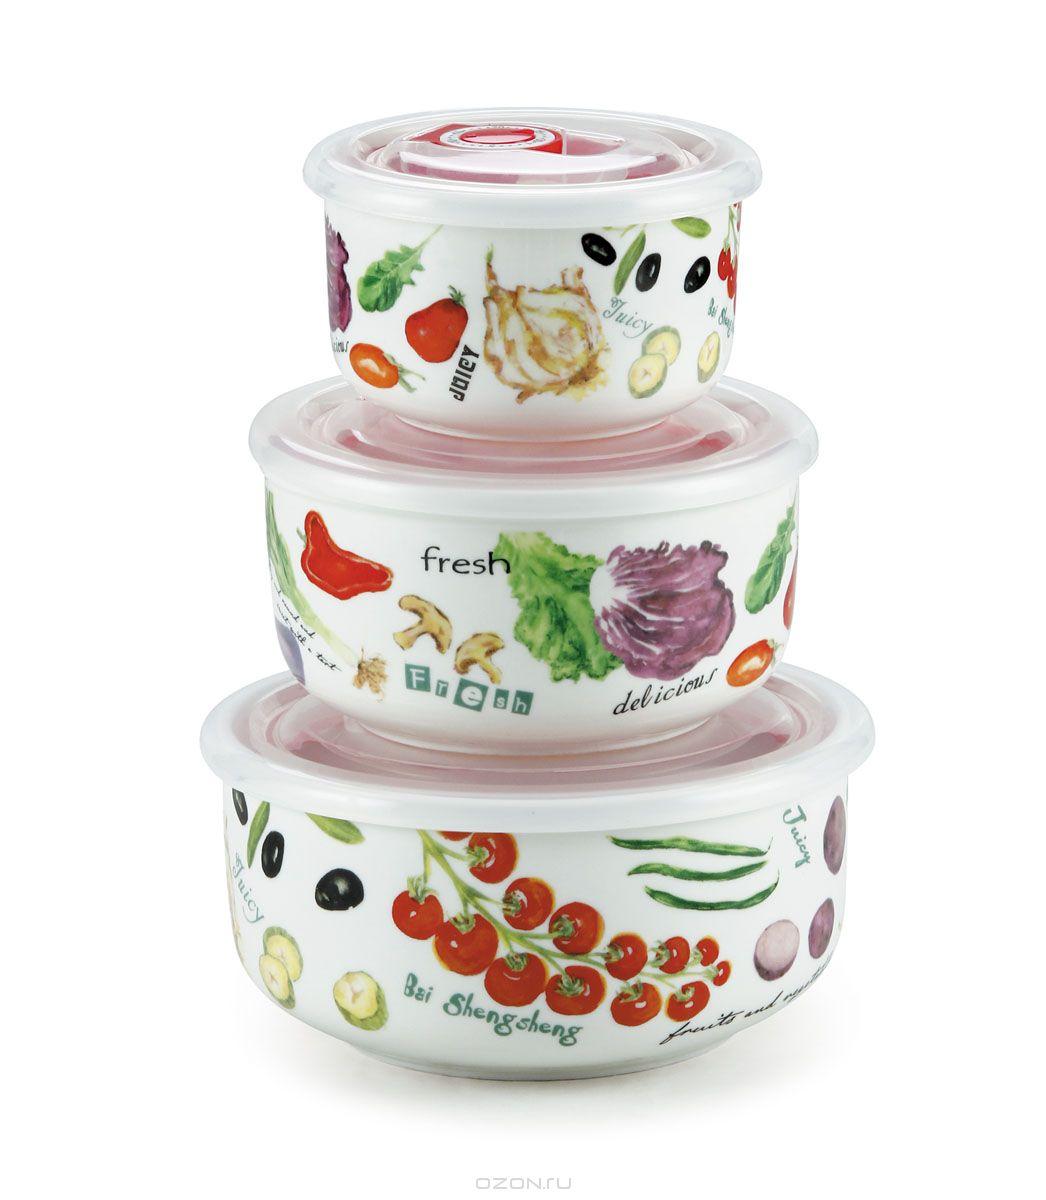 Набор контейнеров Bekker Овощи, 3 шт810007Набор Bekker Овощи состоит из трех круглых контейнеров, выполненных из высококачественногофарфора. Внешние стенки изделий декорированы красочным изображением овощей. Контейнеры снабженыпластиковыми прозрачными крышками, которые имеют силиконовую прослойку и клапан для создания вакуума,это позволяет дольше хранить продукты.Такой набор подходит для домашнего использования, контейнеры также удобно брать с собой на учебу илиработу.Подходят для приготовления блюд в микроволновой печи и духовом шкафу (без крышки) при нагревании до +130°Си для замораживания (с крышкой) при температуре -30°С. Подходят для чистки в посудомоечной машине.Диаметр контейнеров: 10 см, 13 см, 15 см.Высота стенок контейнеров: 6 см, 6,5 см, 7 см.Объем контейнеров: 300 мл, 550 мл, 950 мл.